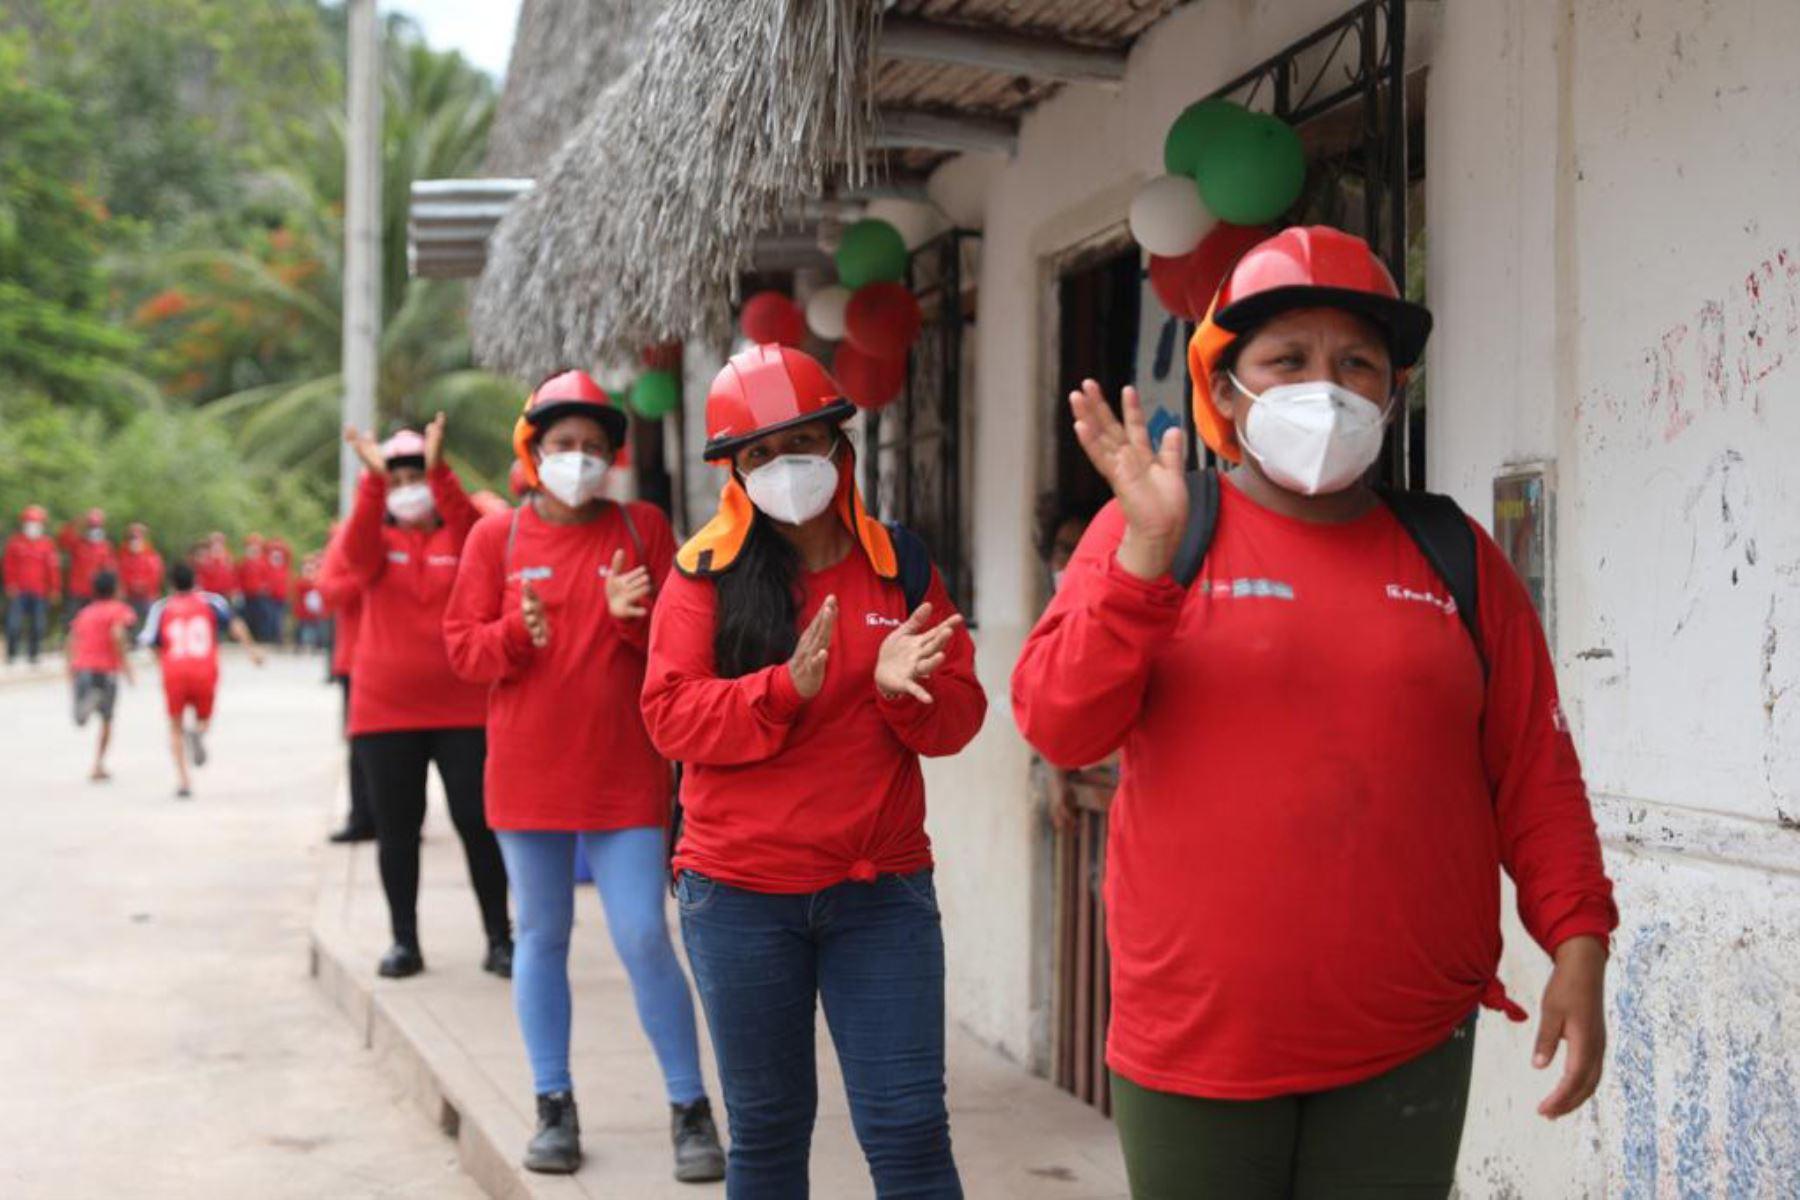 El programa Trabaja Perú, del Ministerio de Trabajo y Promoción del Empleo, intervendrá a favor de familias vulnerables de 1,141 distritos focalizados. Foto: /Difusión